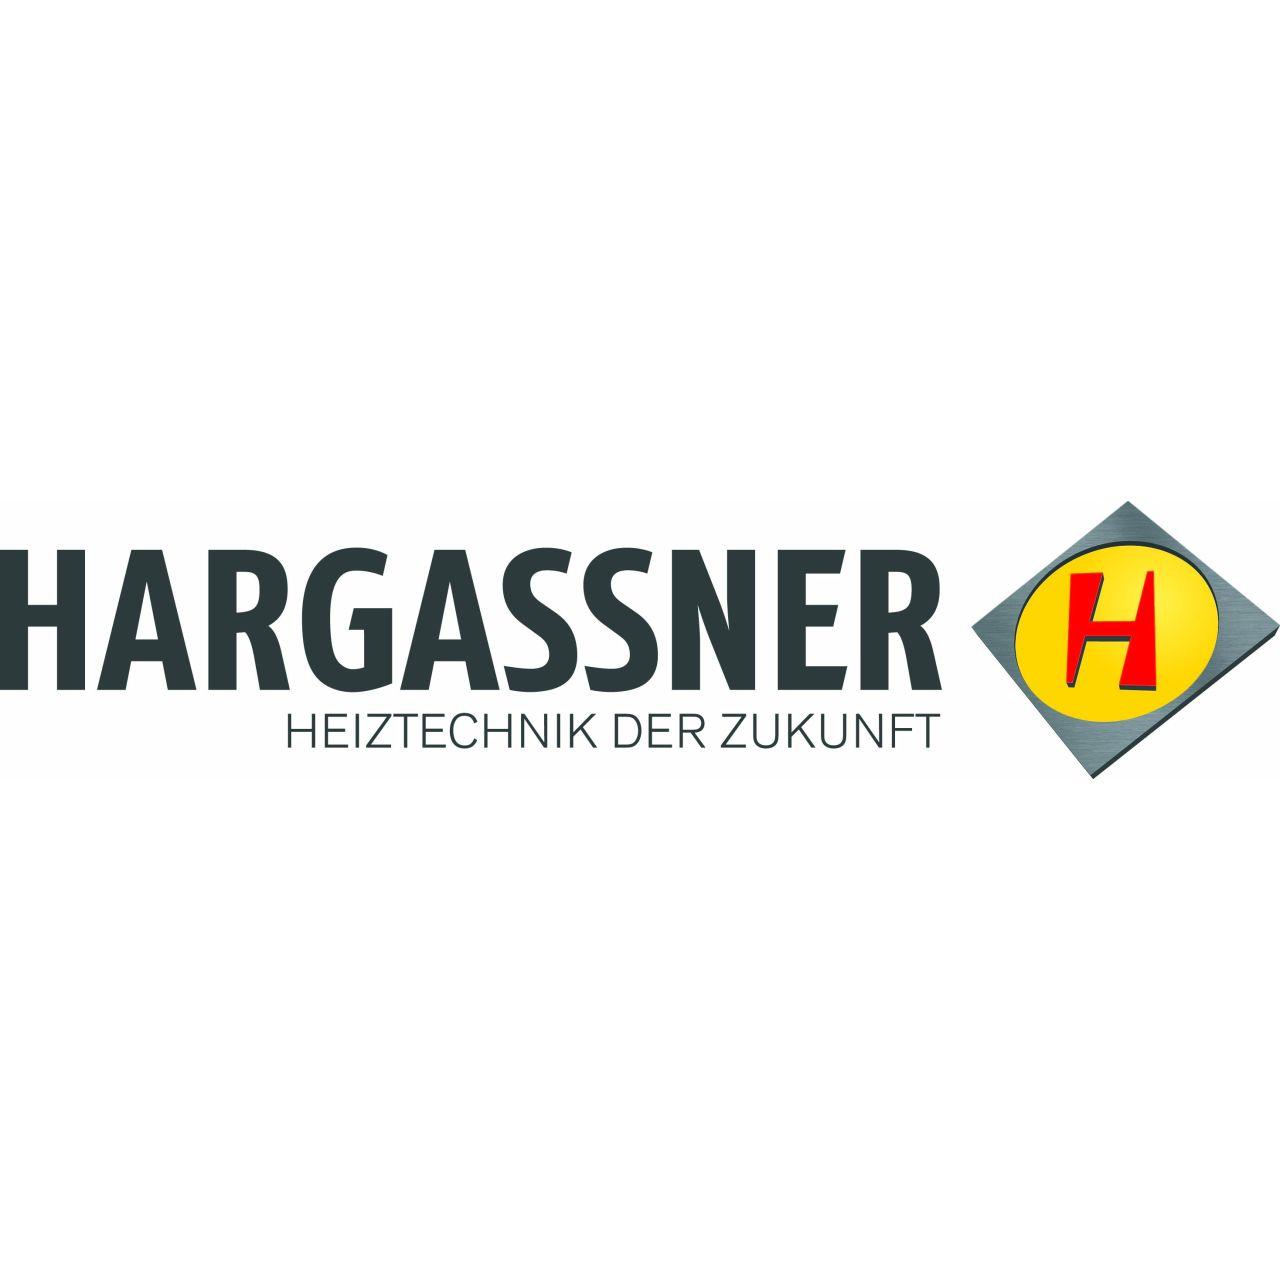 Hargassner – Außendienst/Gebietsleiter (m/w/d) für Stückholz-, Pellets- und Hackgutheizungen – Region Hessen / Unterfranken / Süd-Thüringen